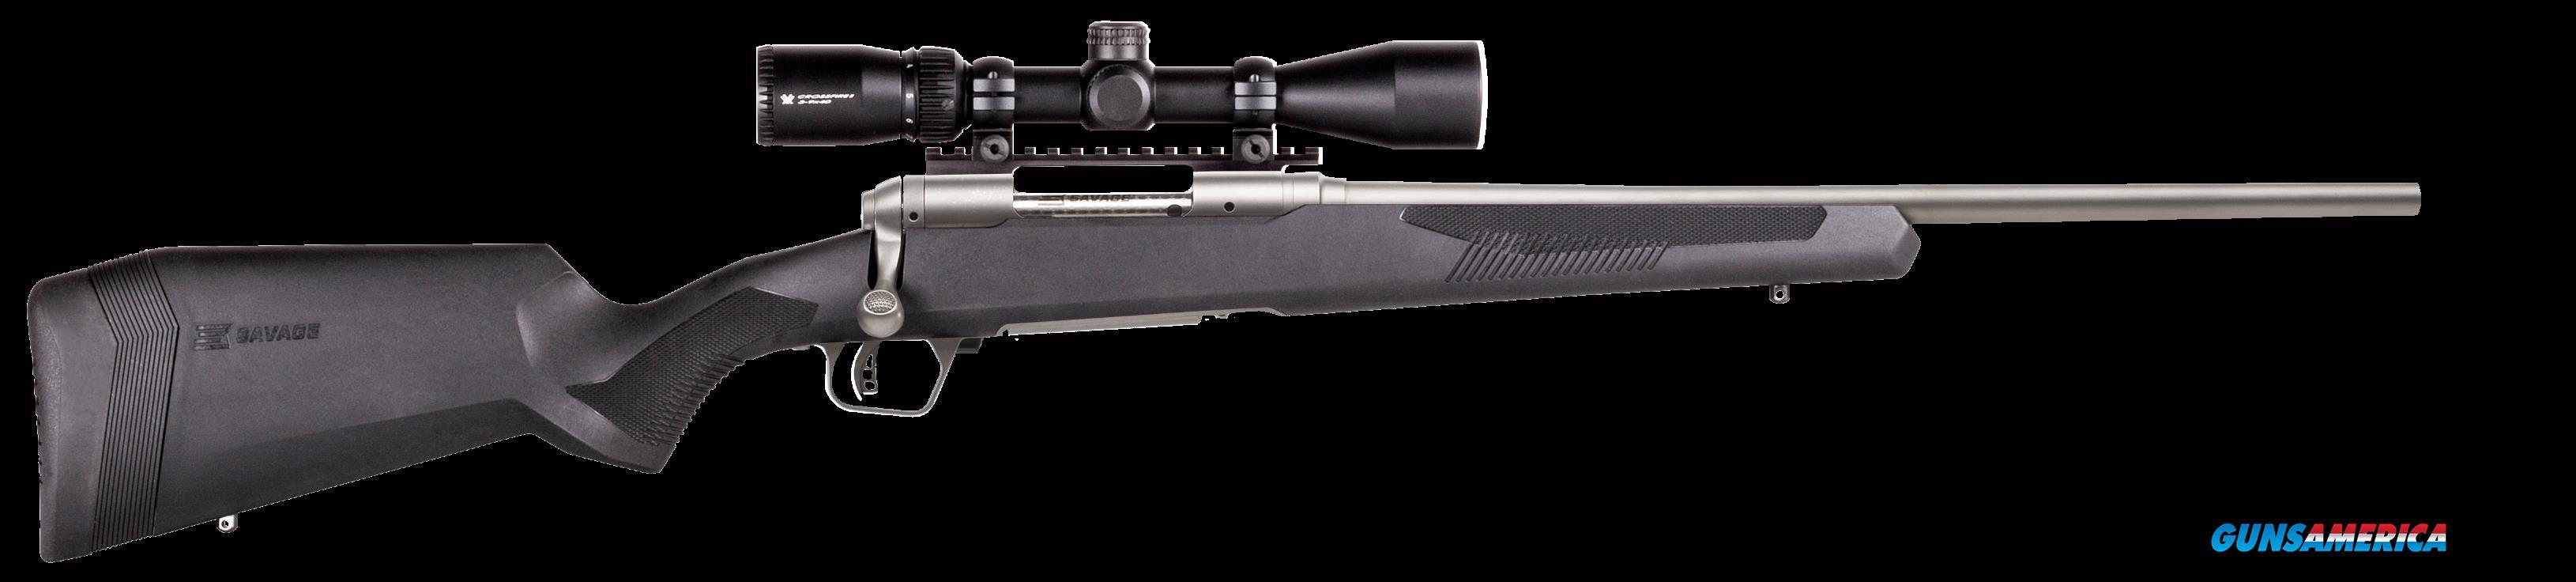 Savage 10-110, Sav 57340 110 Apex Storm Xp  223 Rem        Vortex  Guns > Pistols > 1911 Pistol Copies (non-Colt)